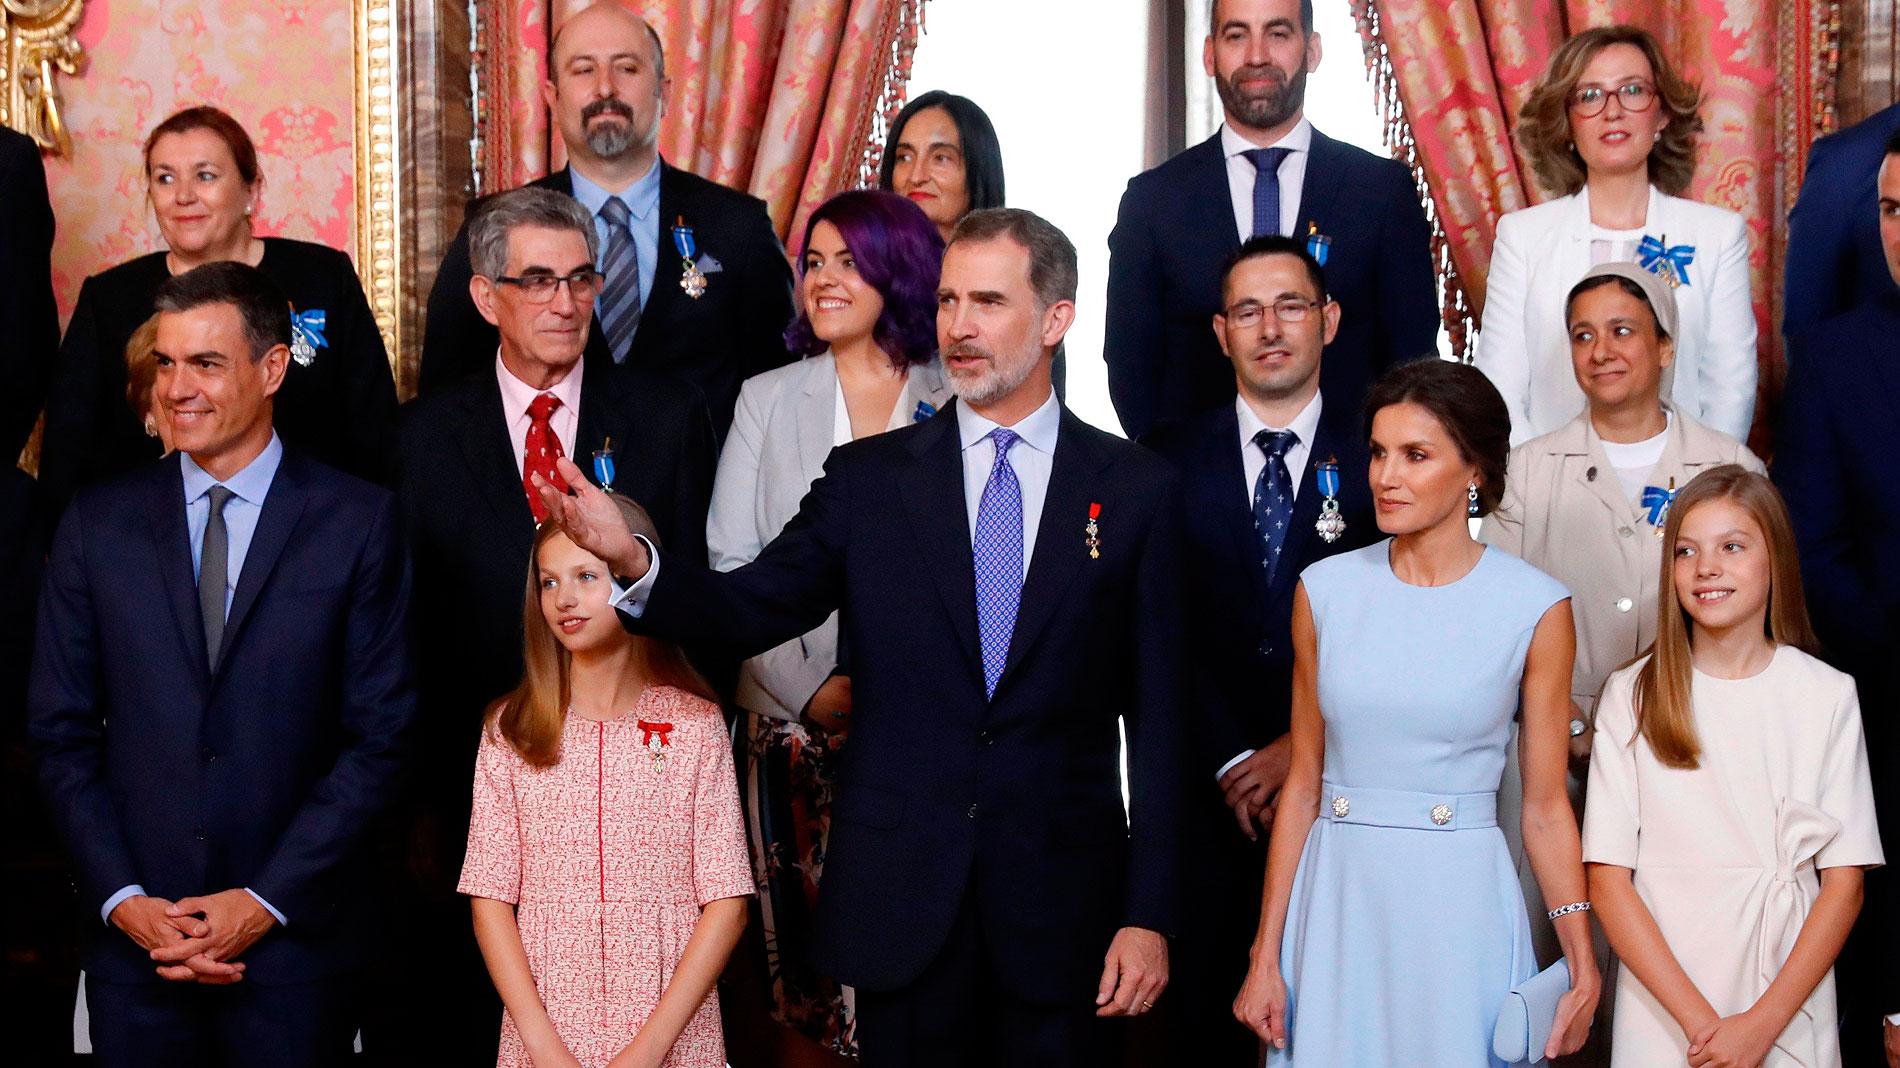 El Rey Concede Las Medallas Al Merito Civil En El Quinto Aniversario De La Proclamacion